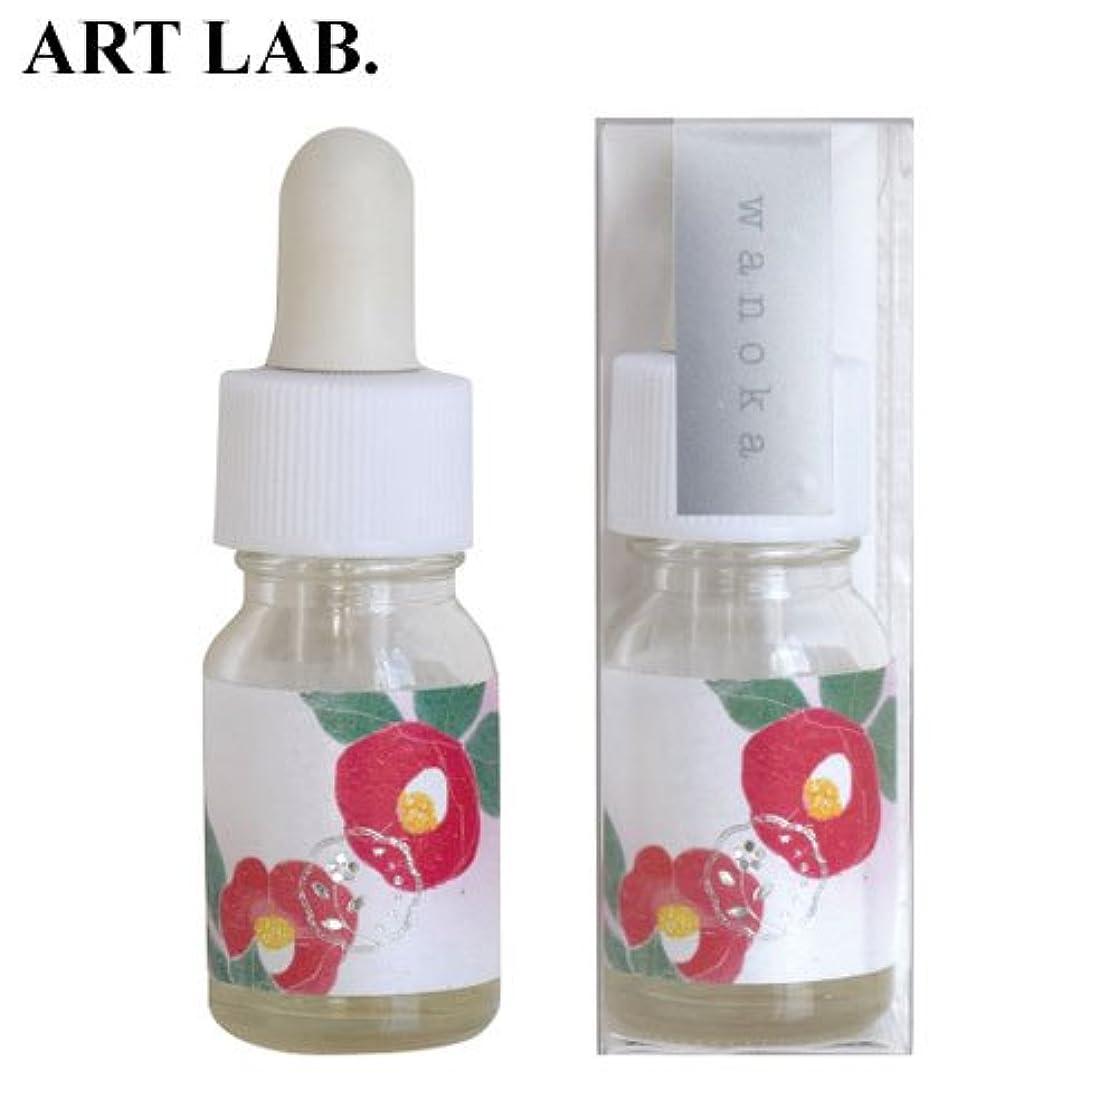 ドリンク読みやすい忙しいwanoka香油アロマオイル椿《おしとやかで深みのある香り》ART LABAromatic oil